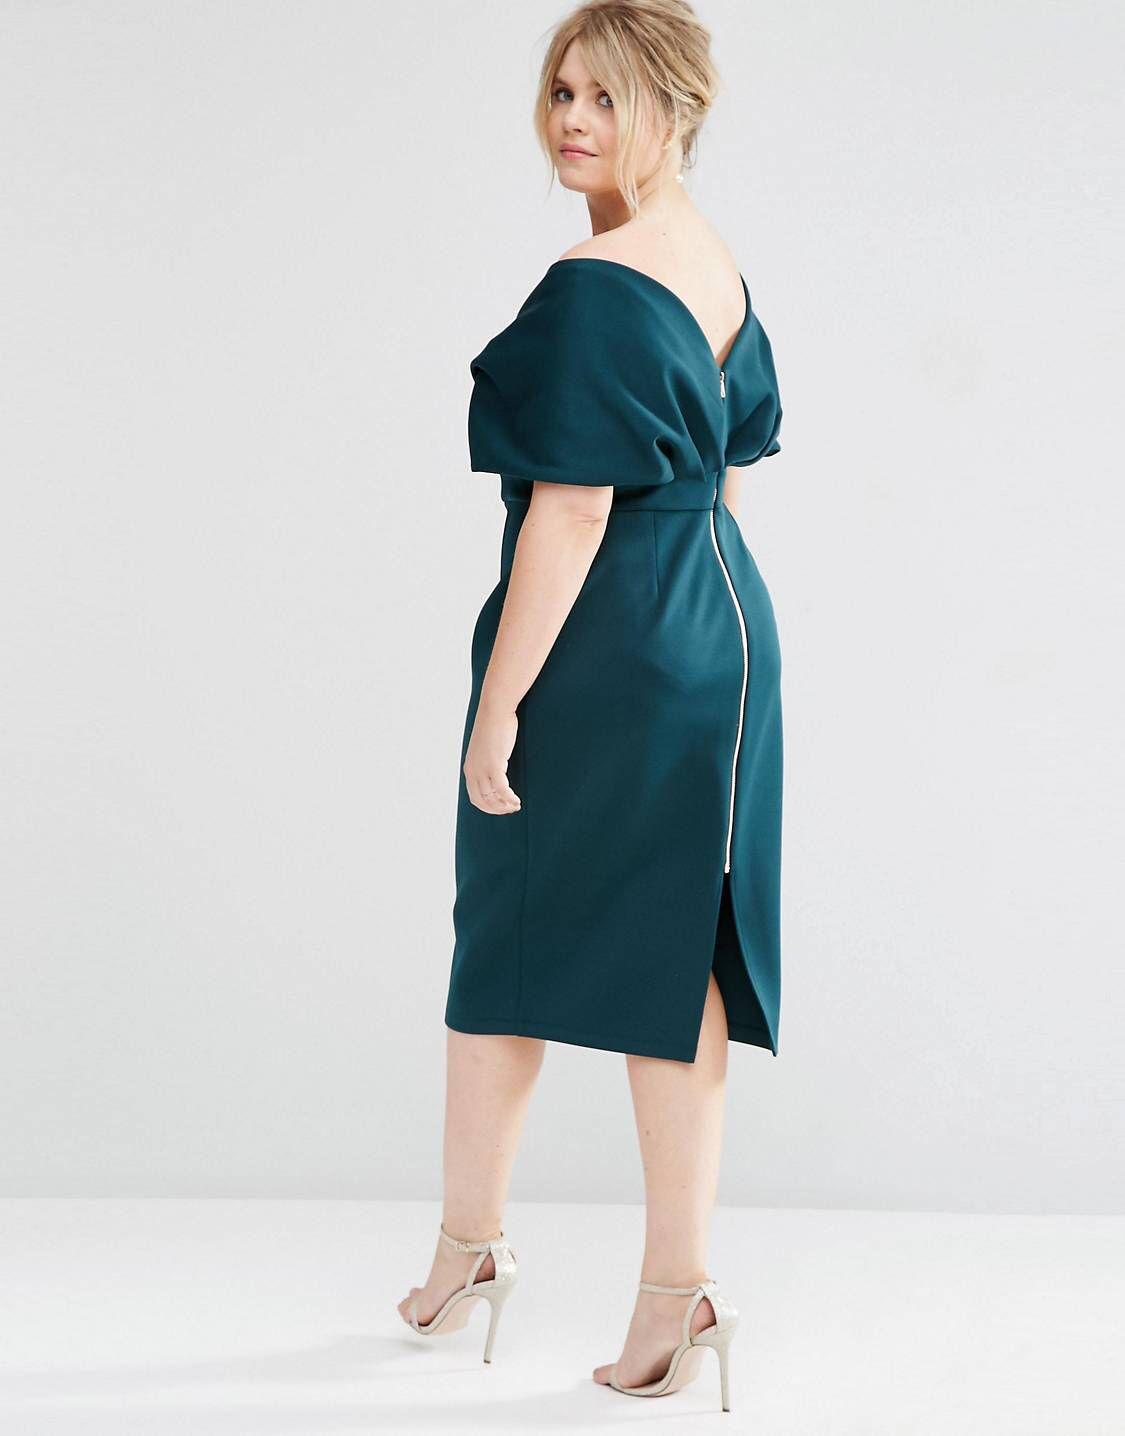 Asos Curve Premium Fold Cape Midi Bodycon Dress In Scuba At Asos Com Plus Size Dresses Big Size Dress Plus Size Party Dresses [ 1436 x 1125 Pixel ]